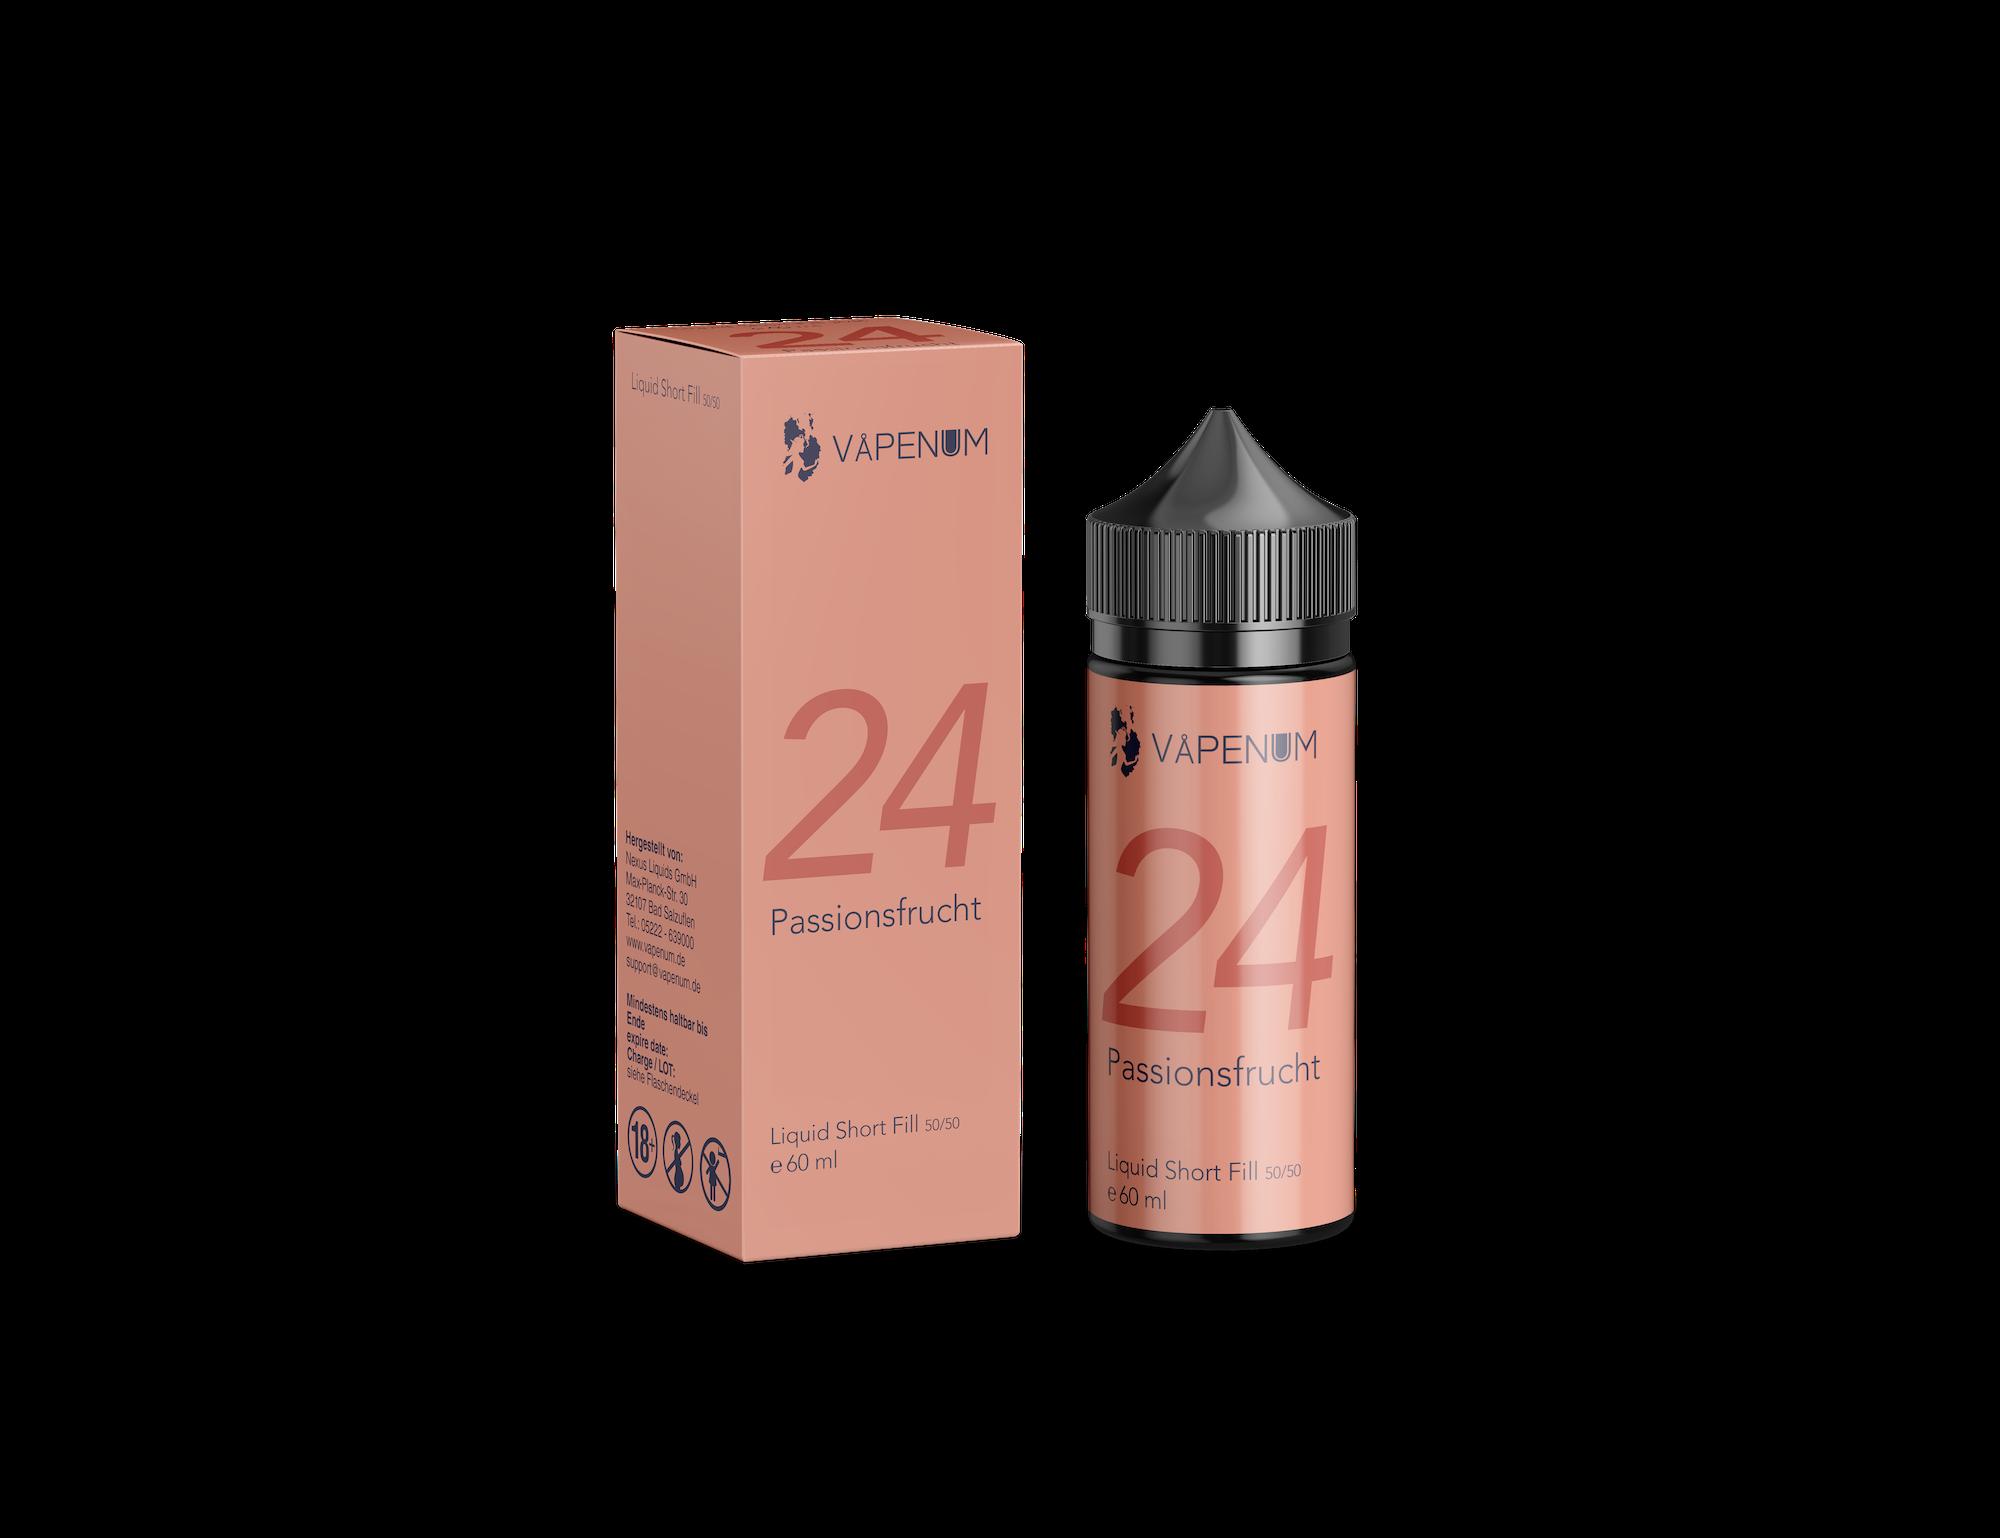 Vapenum Shortfill 24 - Passionsfrucht